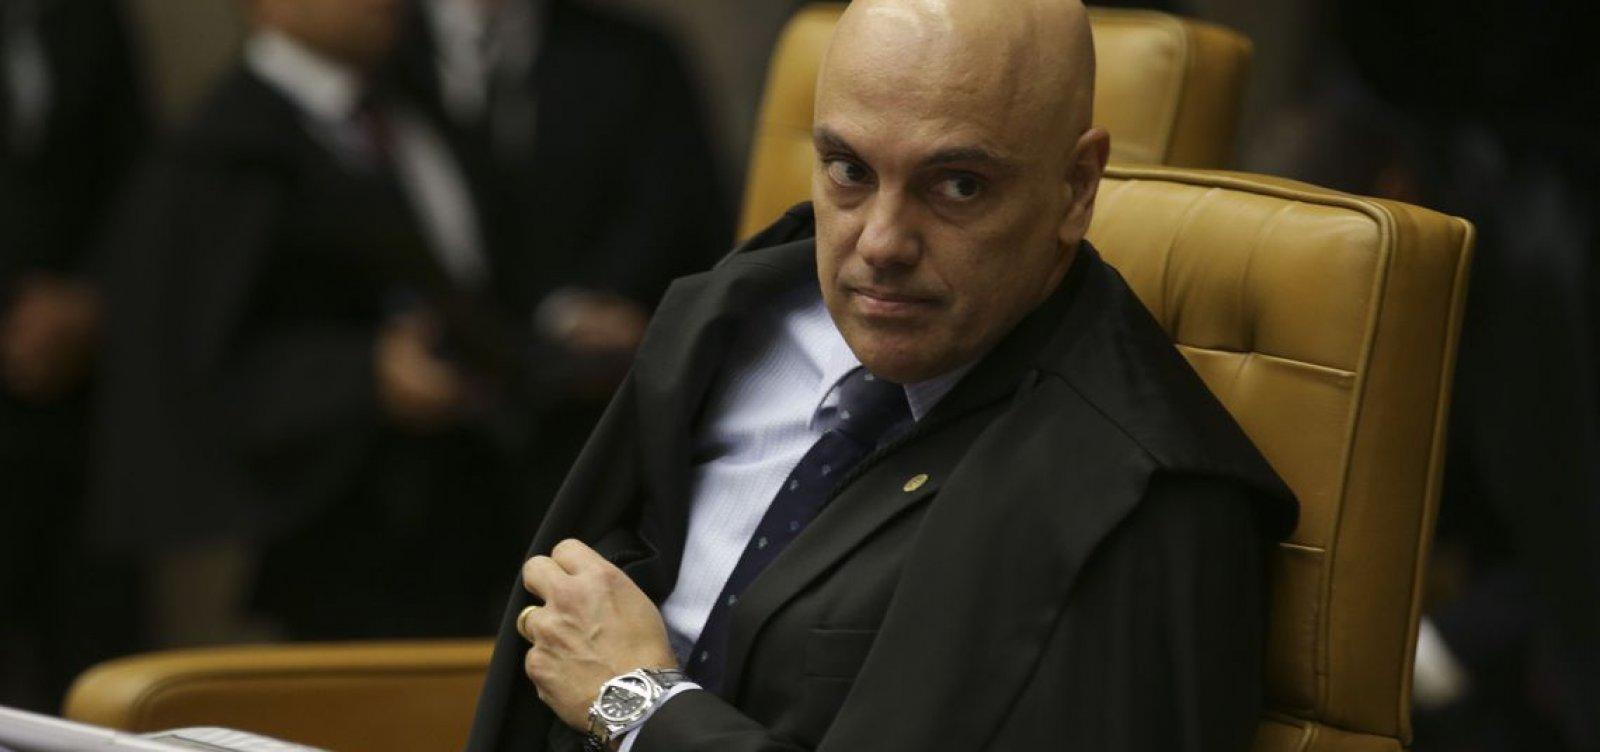 [Ministro discute com PF após se negar a passar por detector de metais em aeroporto]